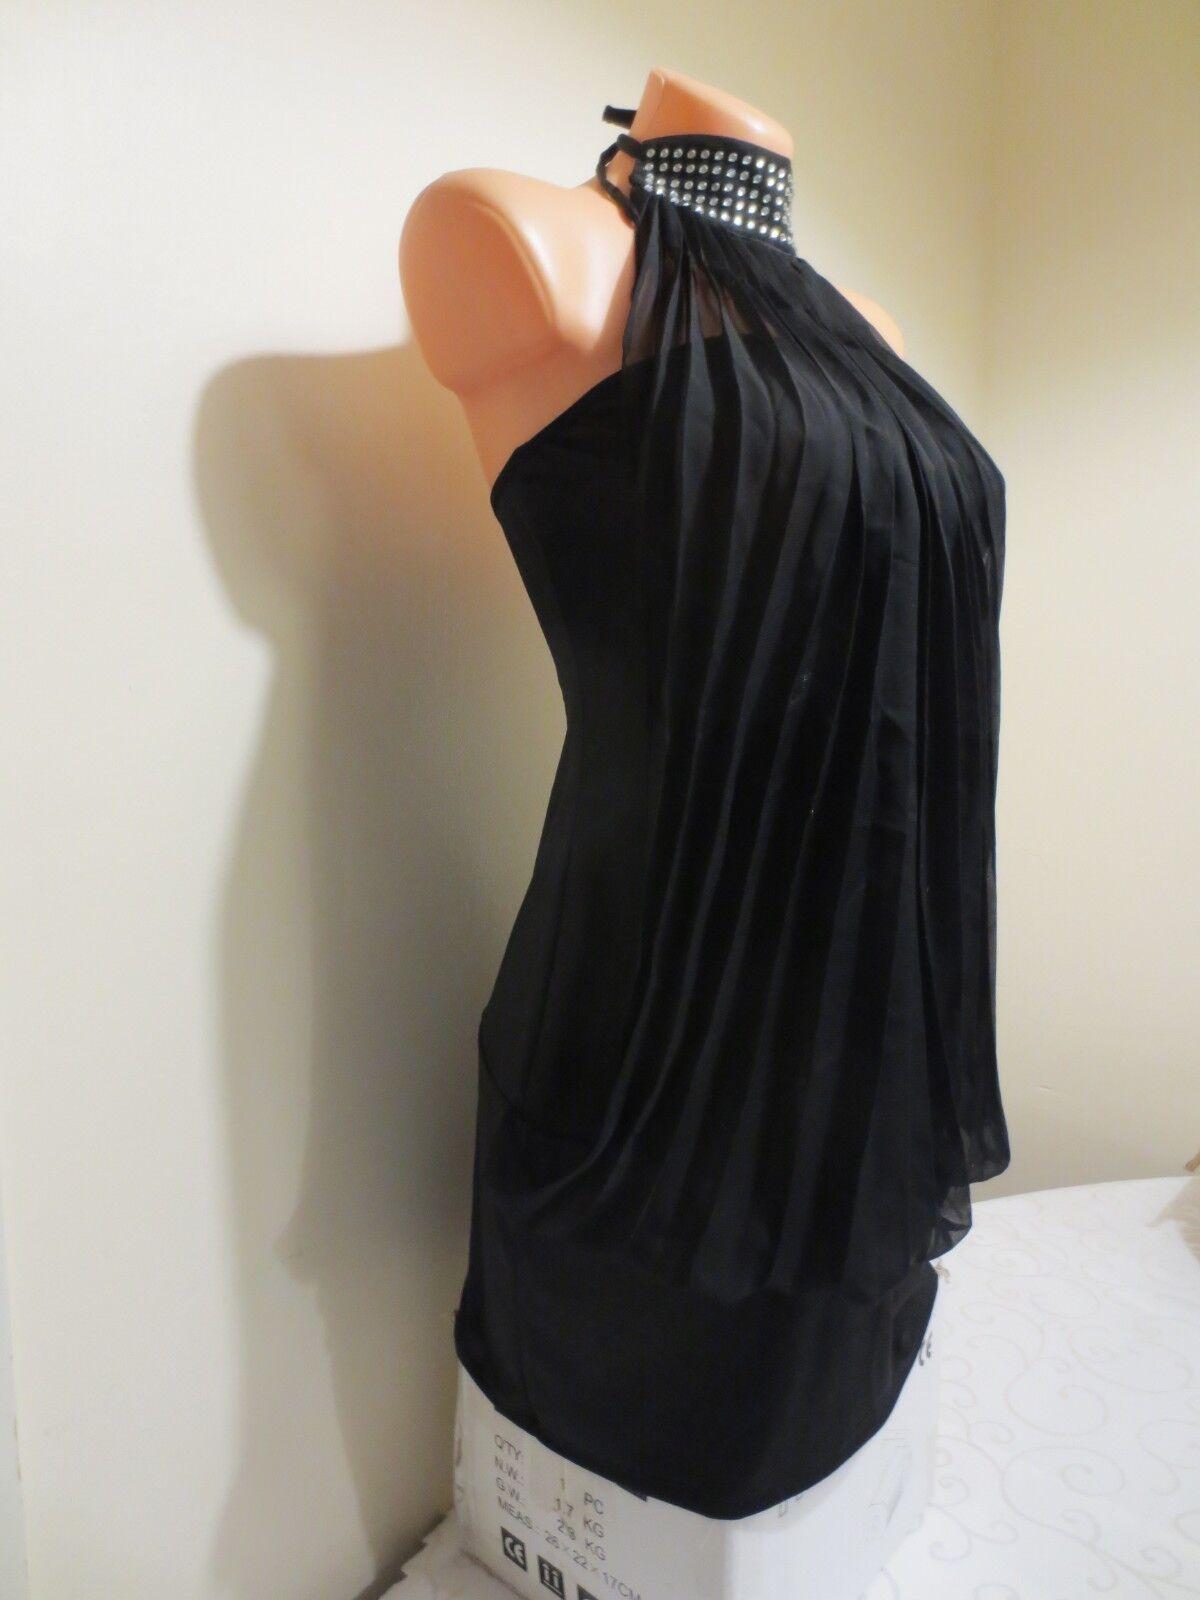 Joblot Mixed New damen lingerie neglashey Dresses & Underwear 35 items     Praktisch Und Wirtschaftlich    Bestellungen Sind Willkommen    Produktqualität    Vielfalt    Qualitativ Hochwertiges Produkt